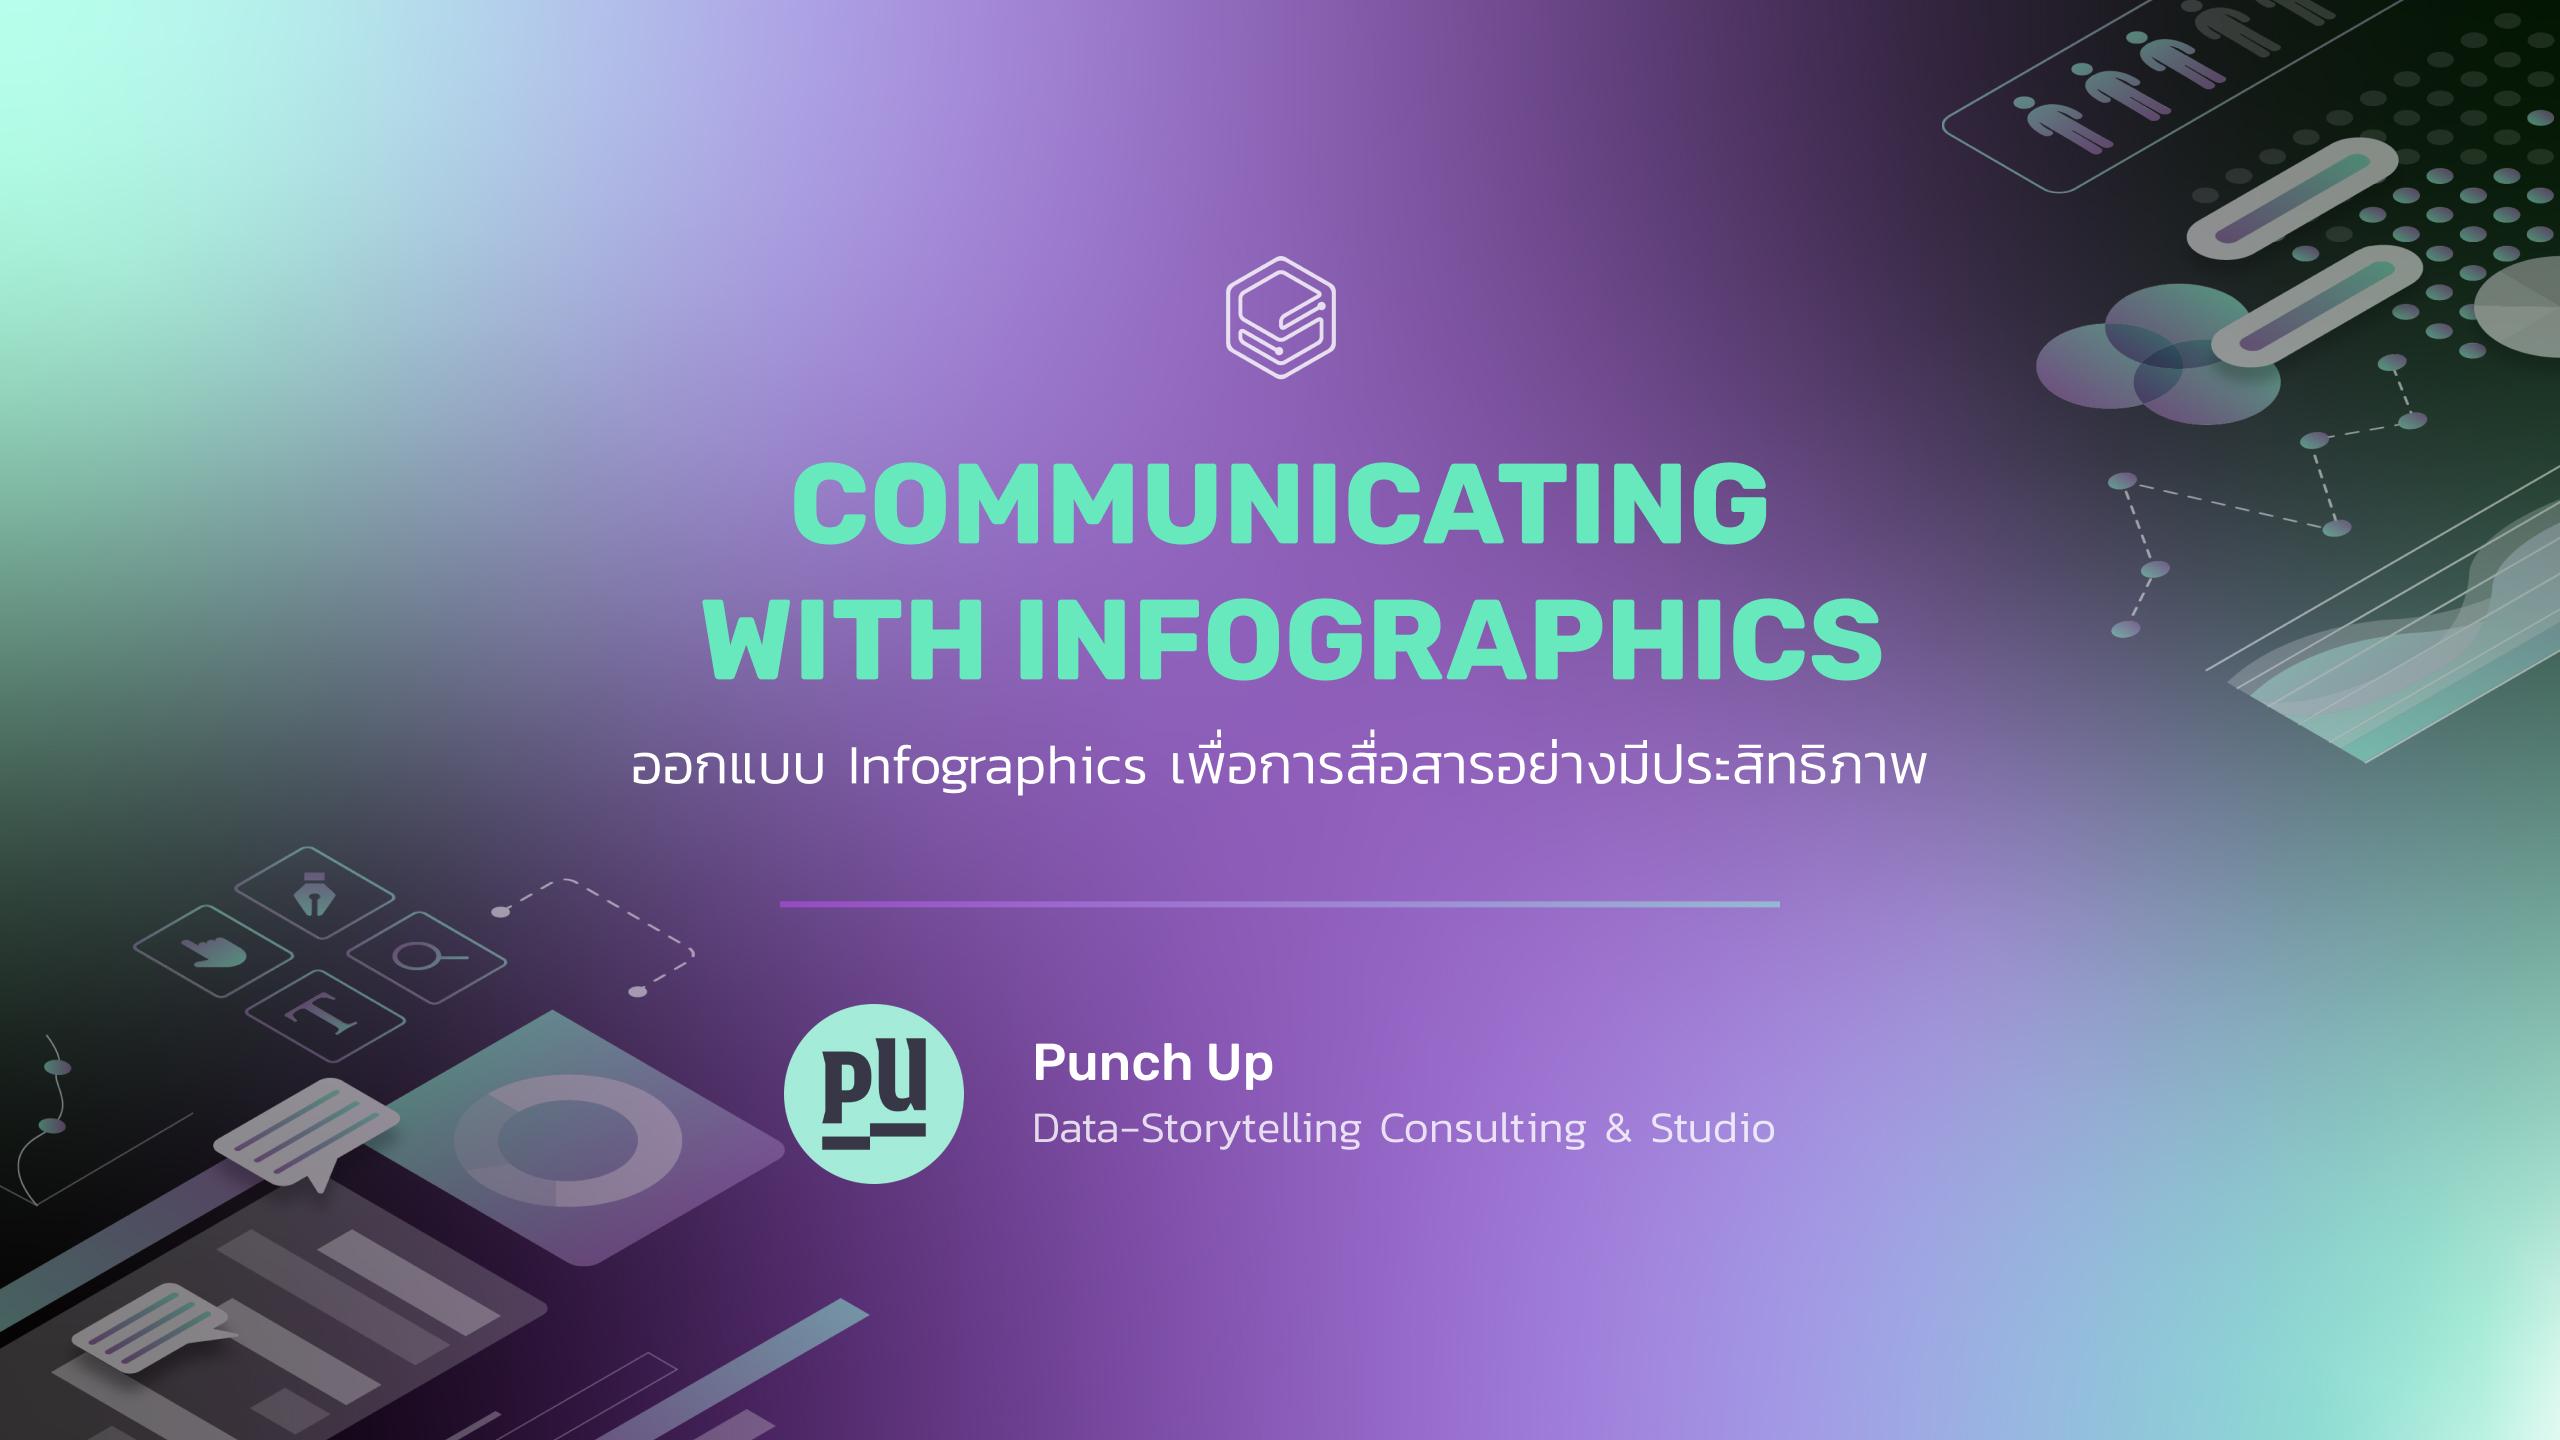 ออกแบบ Infographics เพื่อการสื่อสารอย่างมีประสิทธิภาพ | Skooldio Workshop: Communicating with Infographics